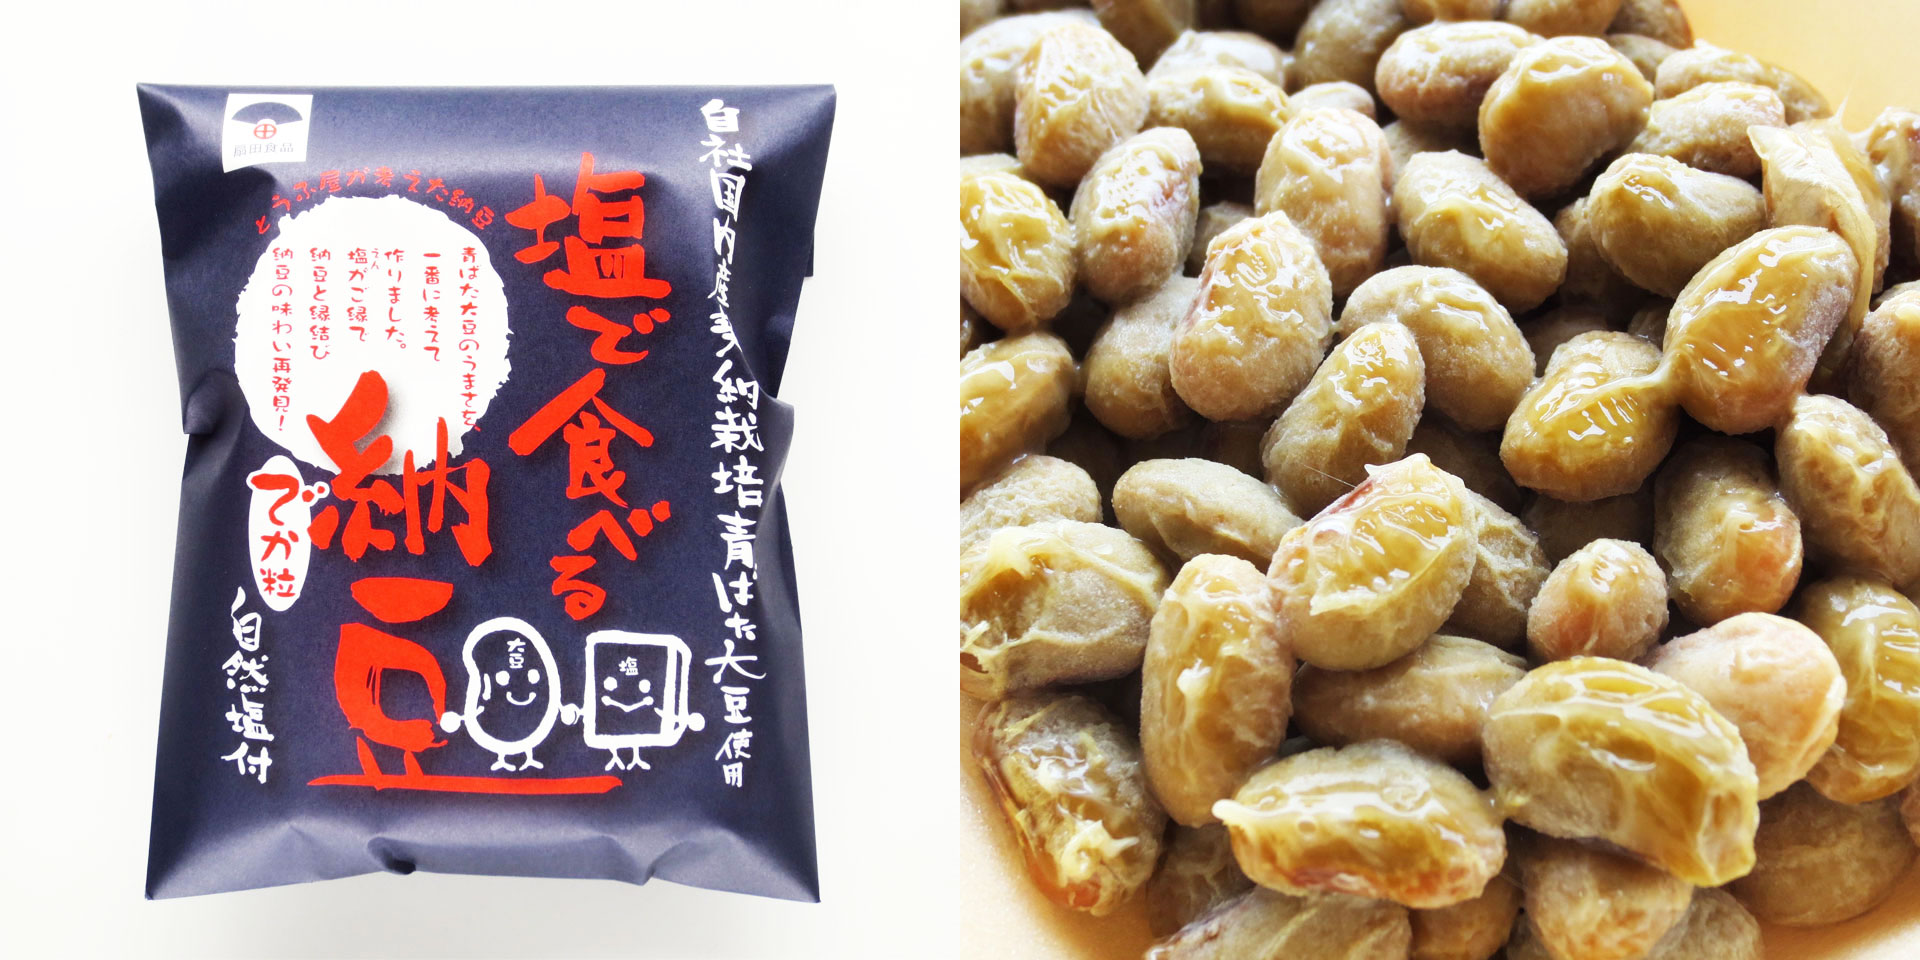 扇田食品「塩で食べる納豆」